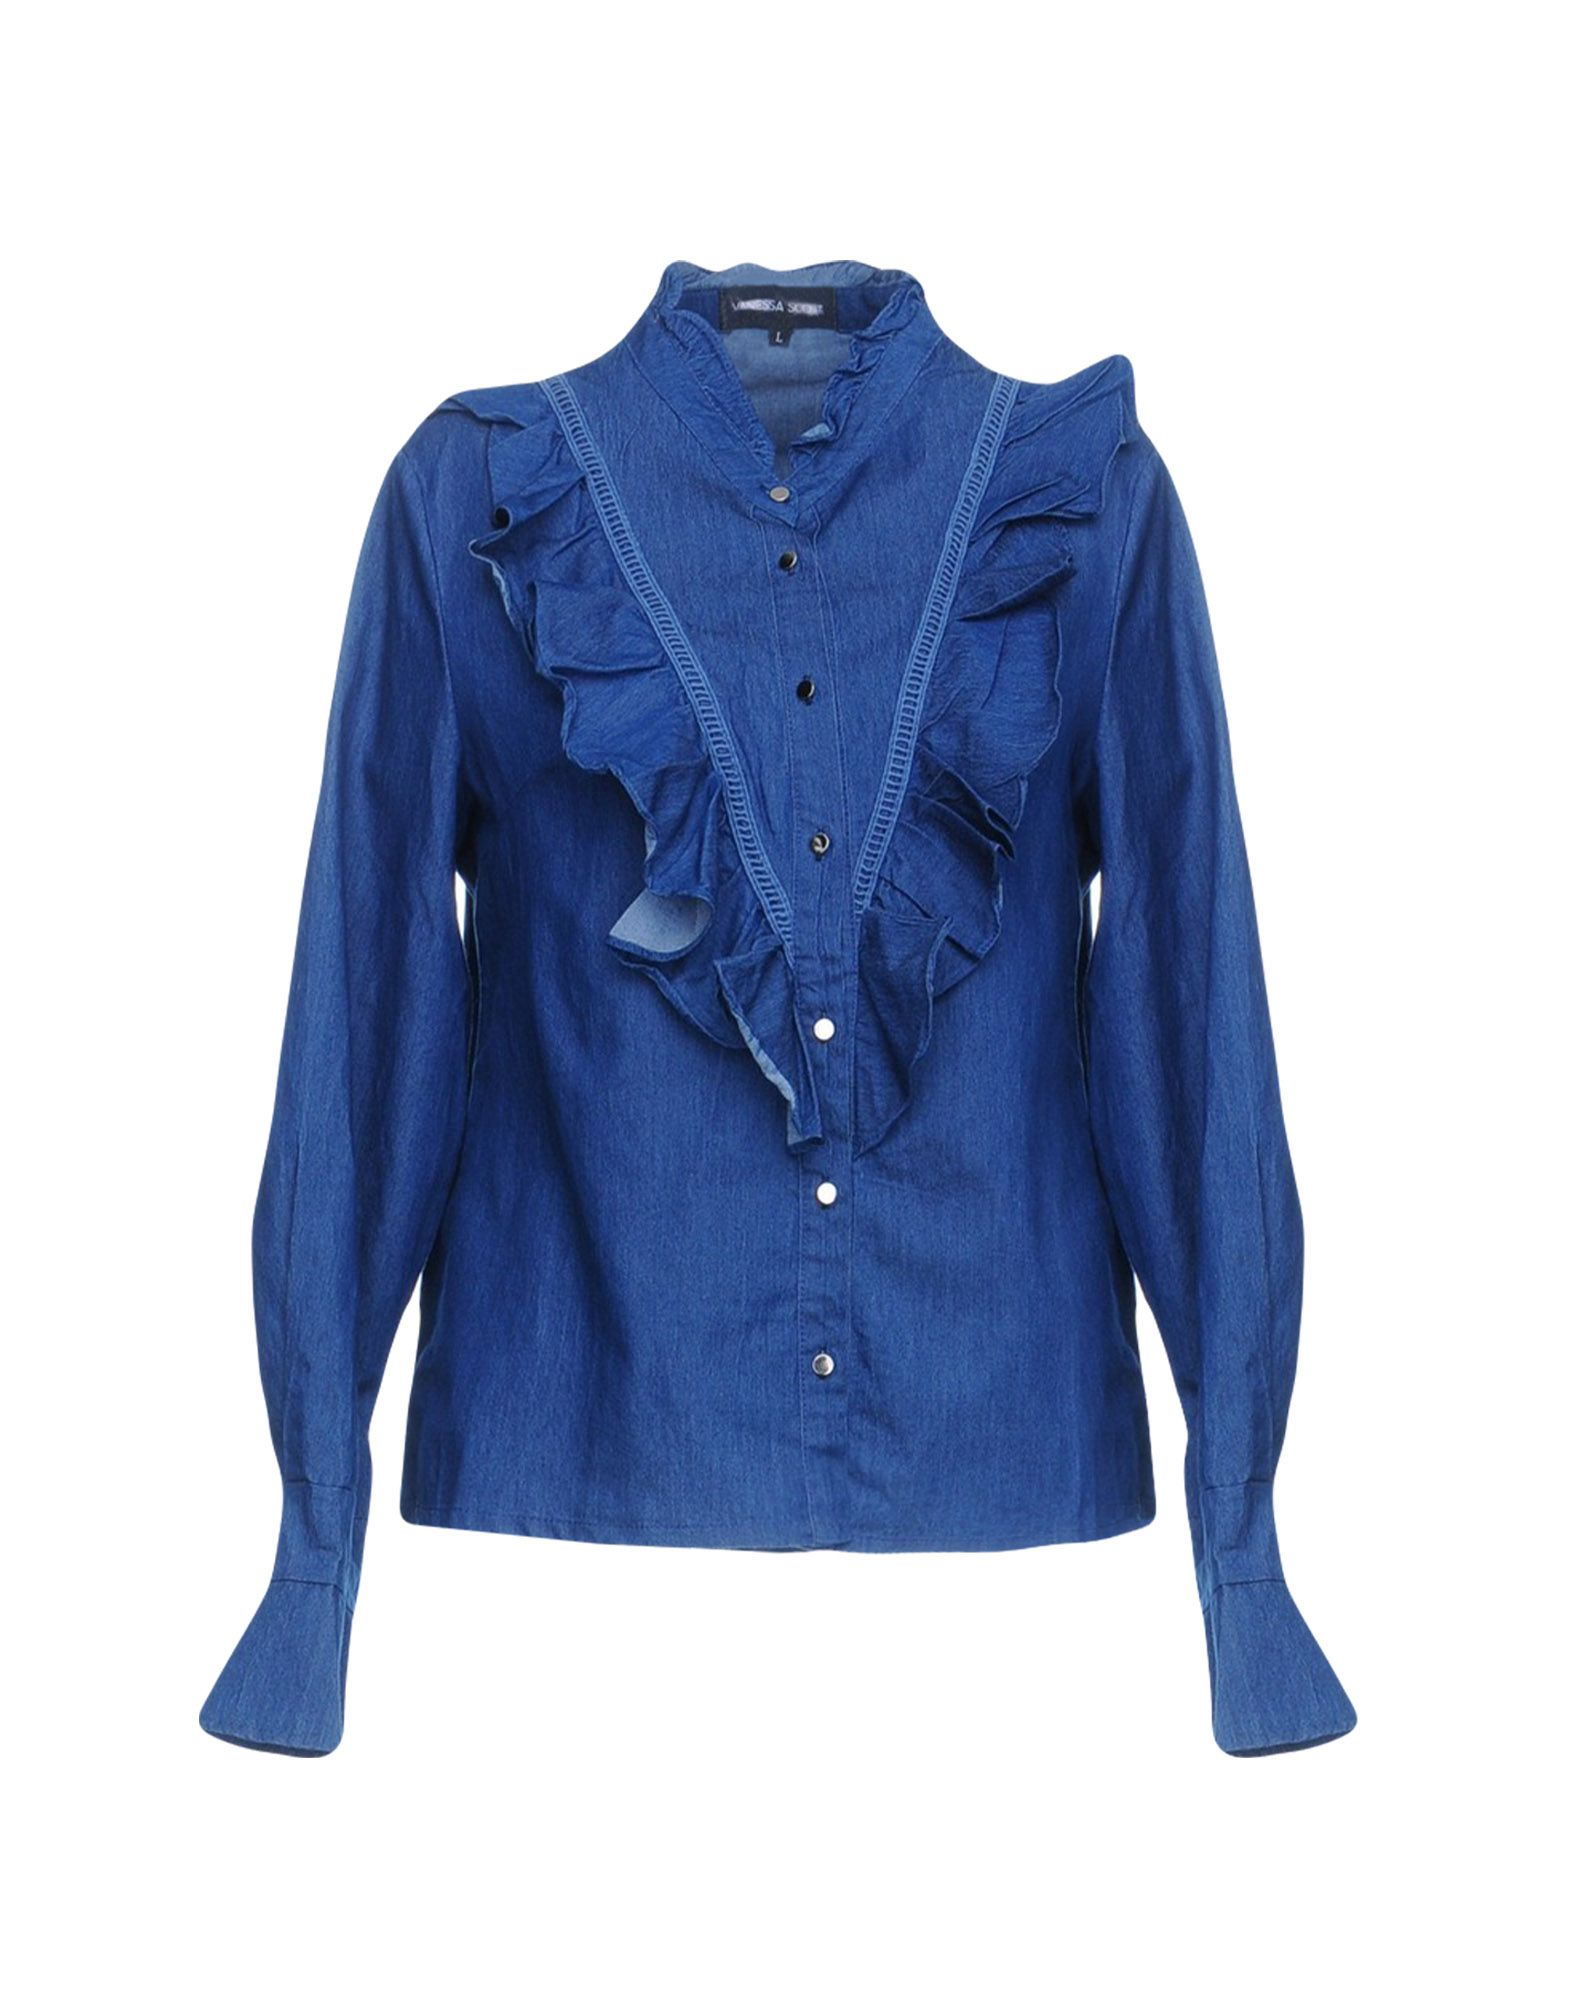 VANESSA SCOTT Джинсовая рубашка